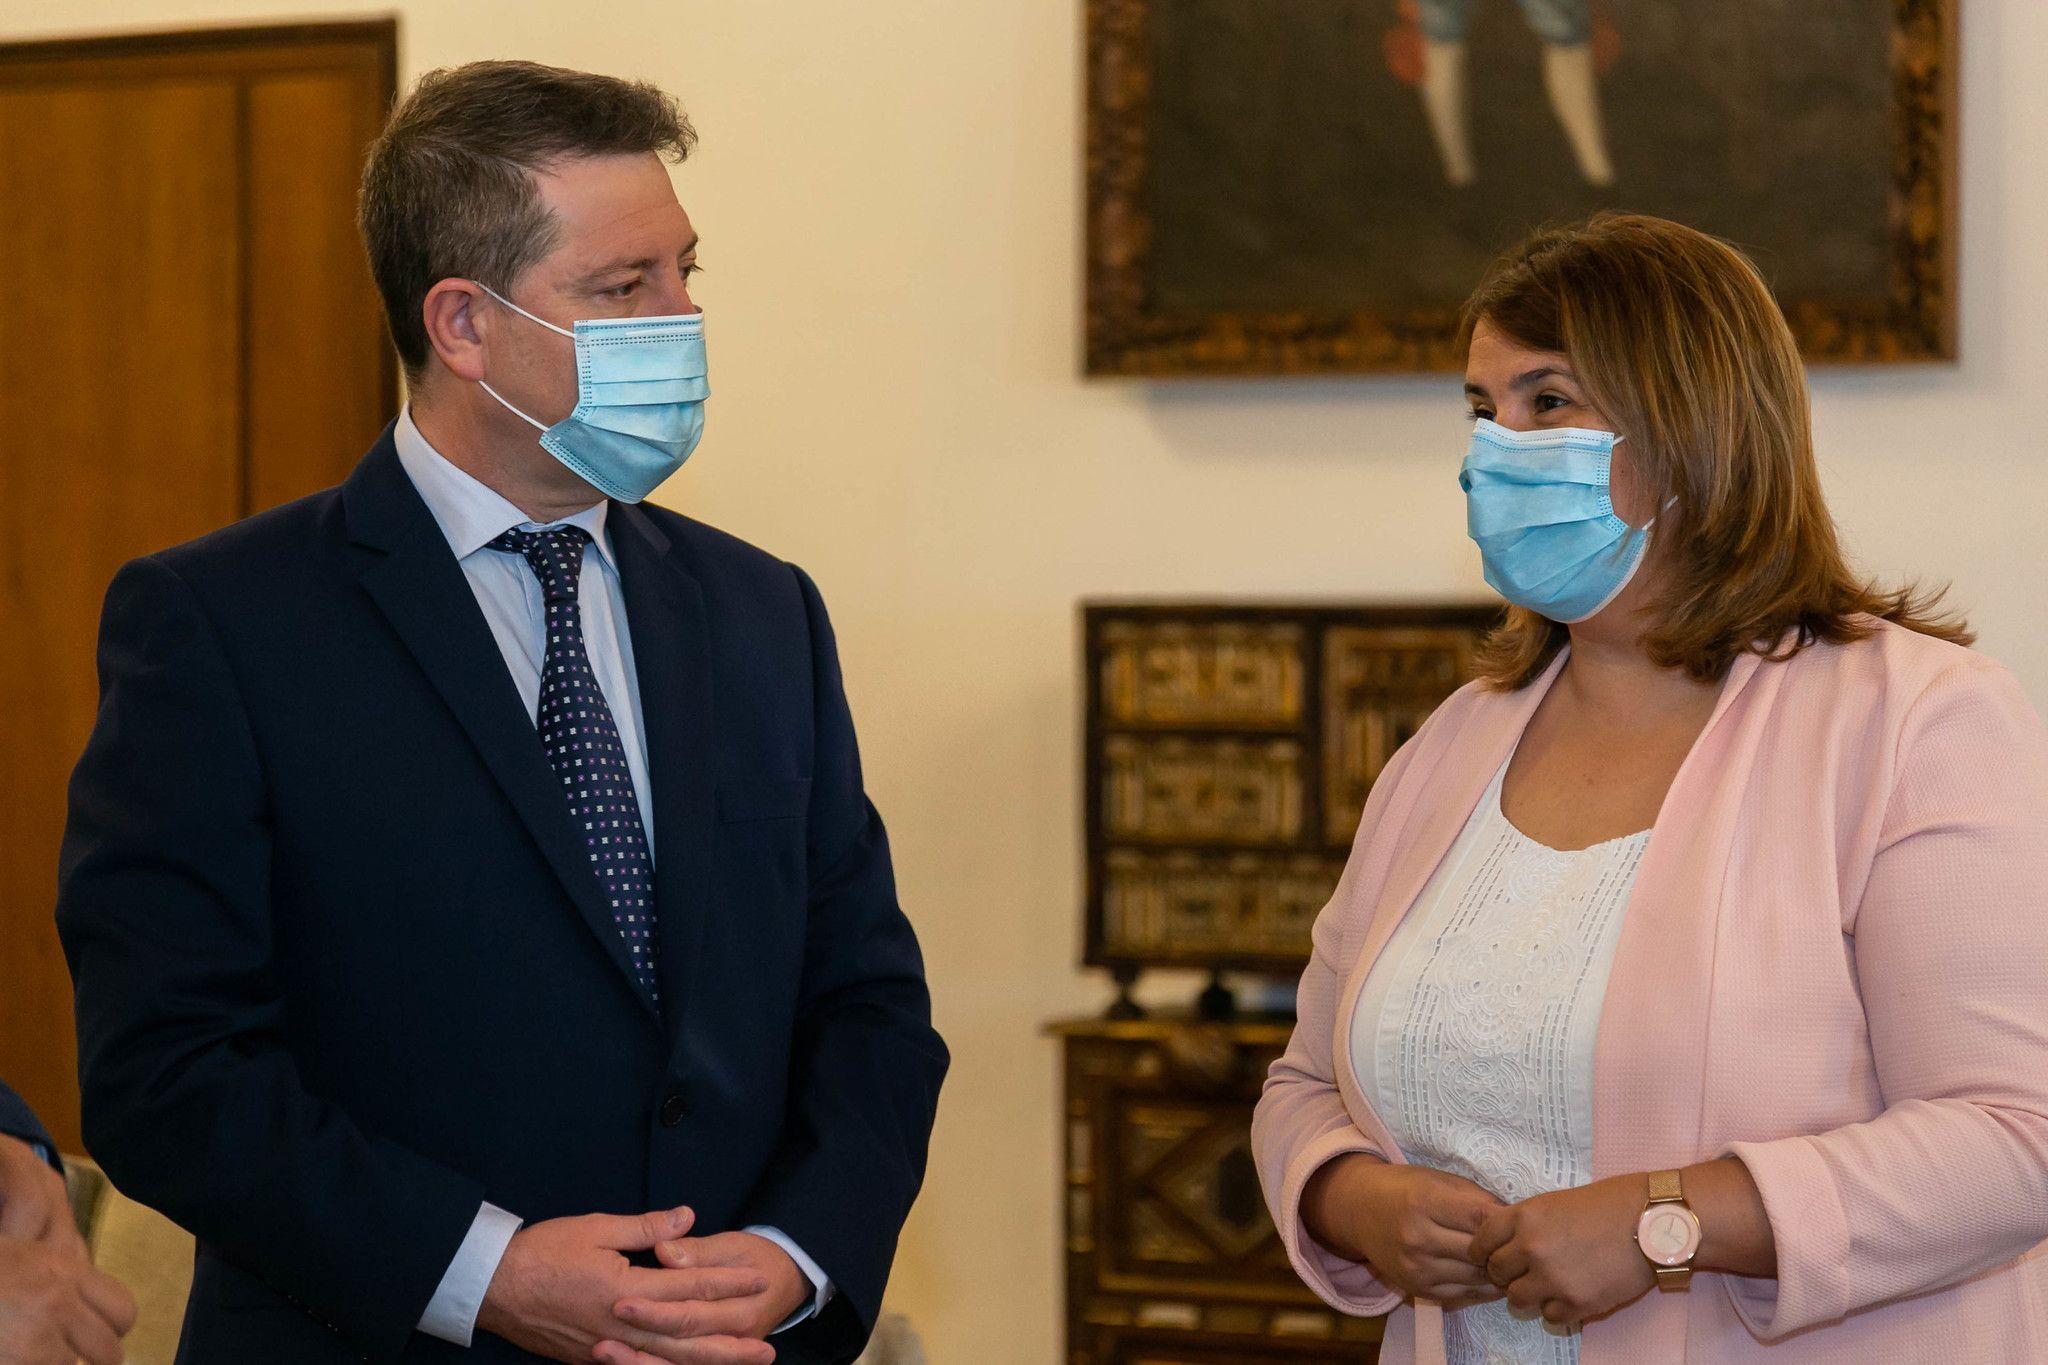 La presidenta de la FEMPCLM traslada a García-Page las reivindicaciones de los Ayuntamientos de la región y lo hará extensivo a otras instituciones